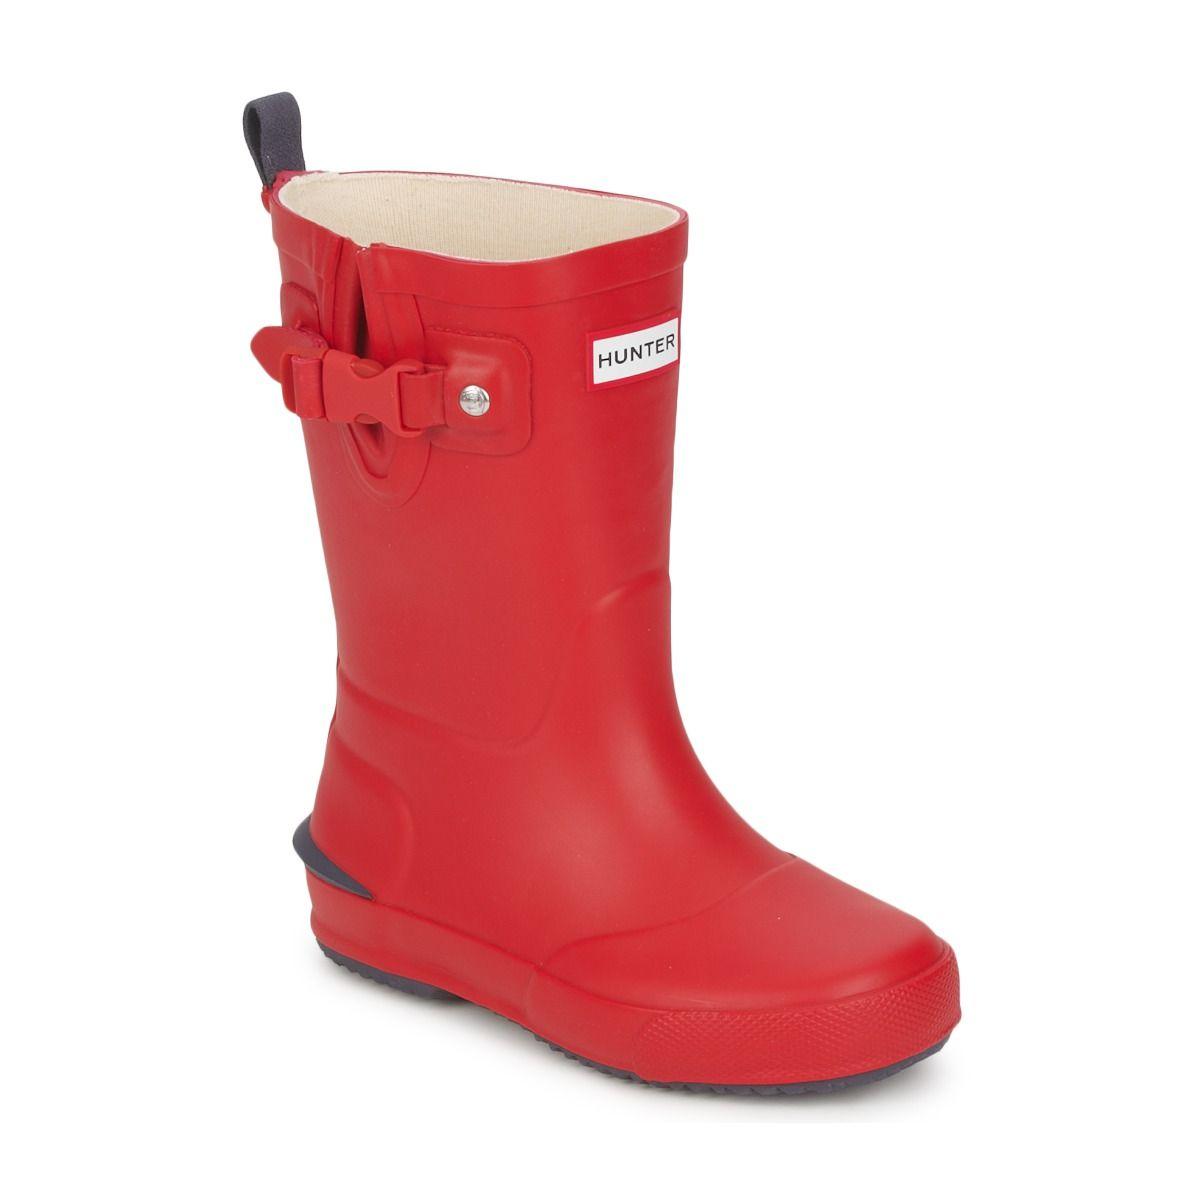 Las katiuskas perfectas para los pequeños fashionistas: botas para la lluvia de Hunter en color rojo para niño o niña. #hunter #kids #fashion #botas #niños